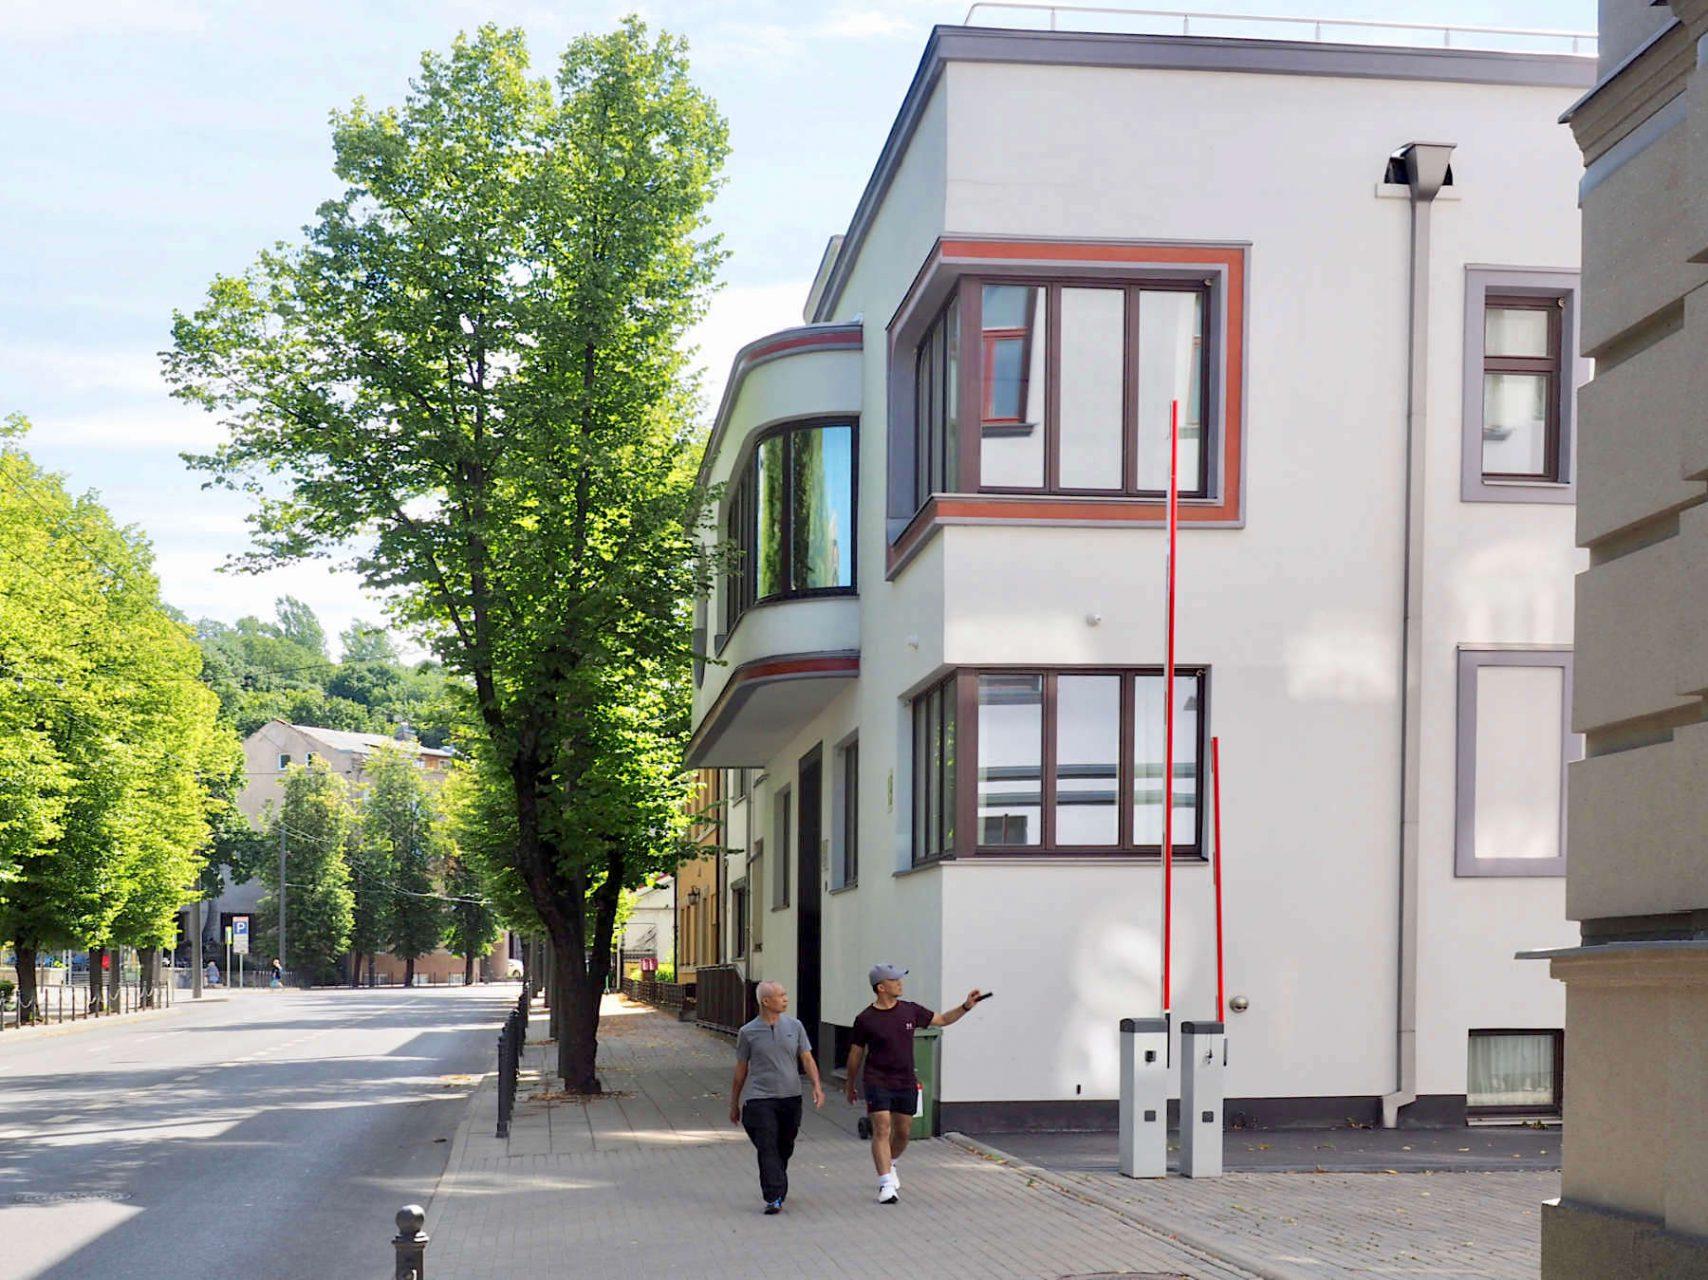 Stilsicherer Familiensitz.. Das Wohnhaus der Familie Iljinai schräg gegenüber, gebaut 1934, gilt als Meisterwerk von Arnas Funkas. Mit den Fenstern, über Eck, gewölbt und rund, ließ er viel Licht ins Innere und schuf eine prägnante, leichtgewichtige Struktur.